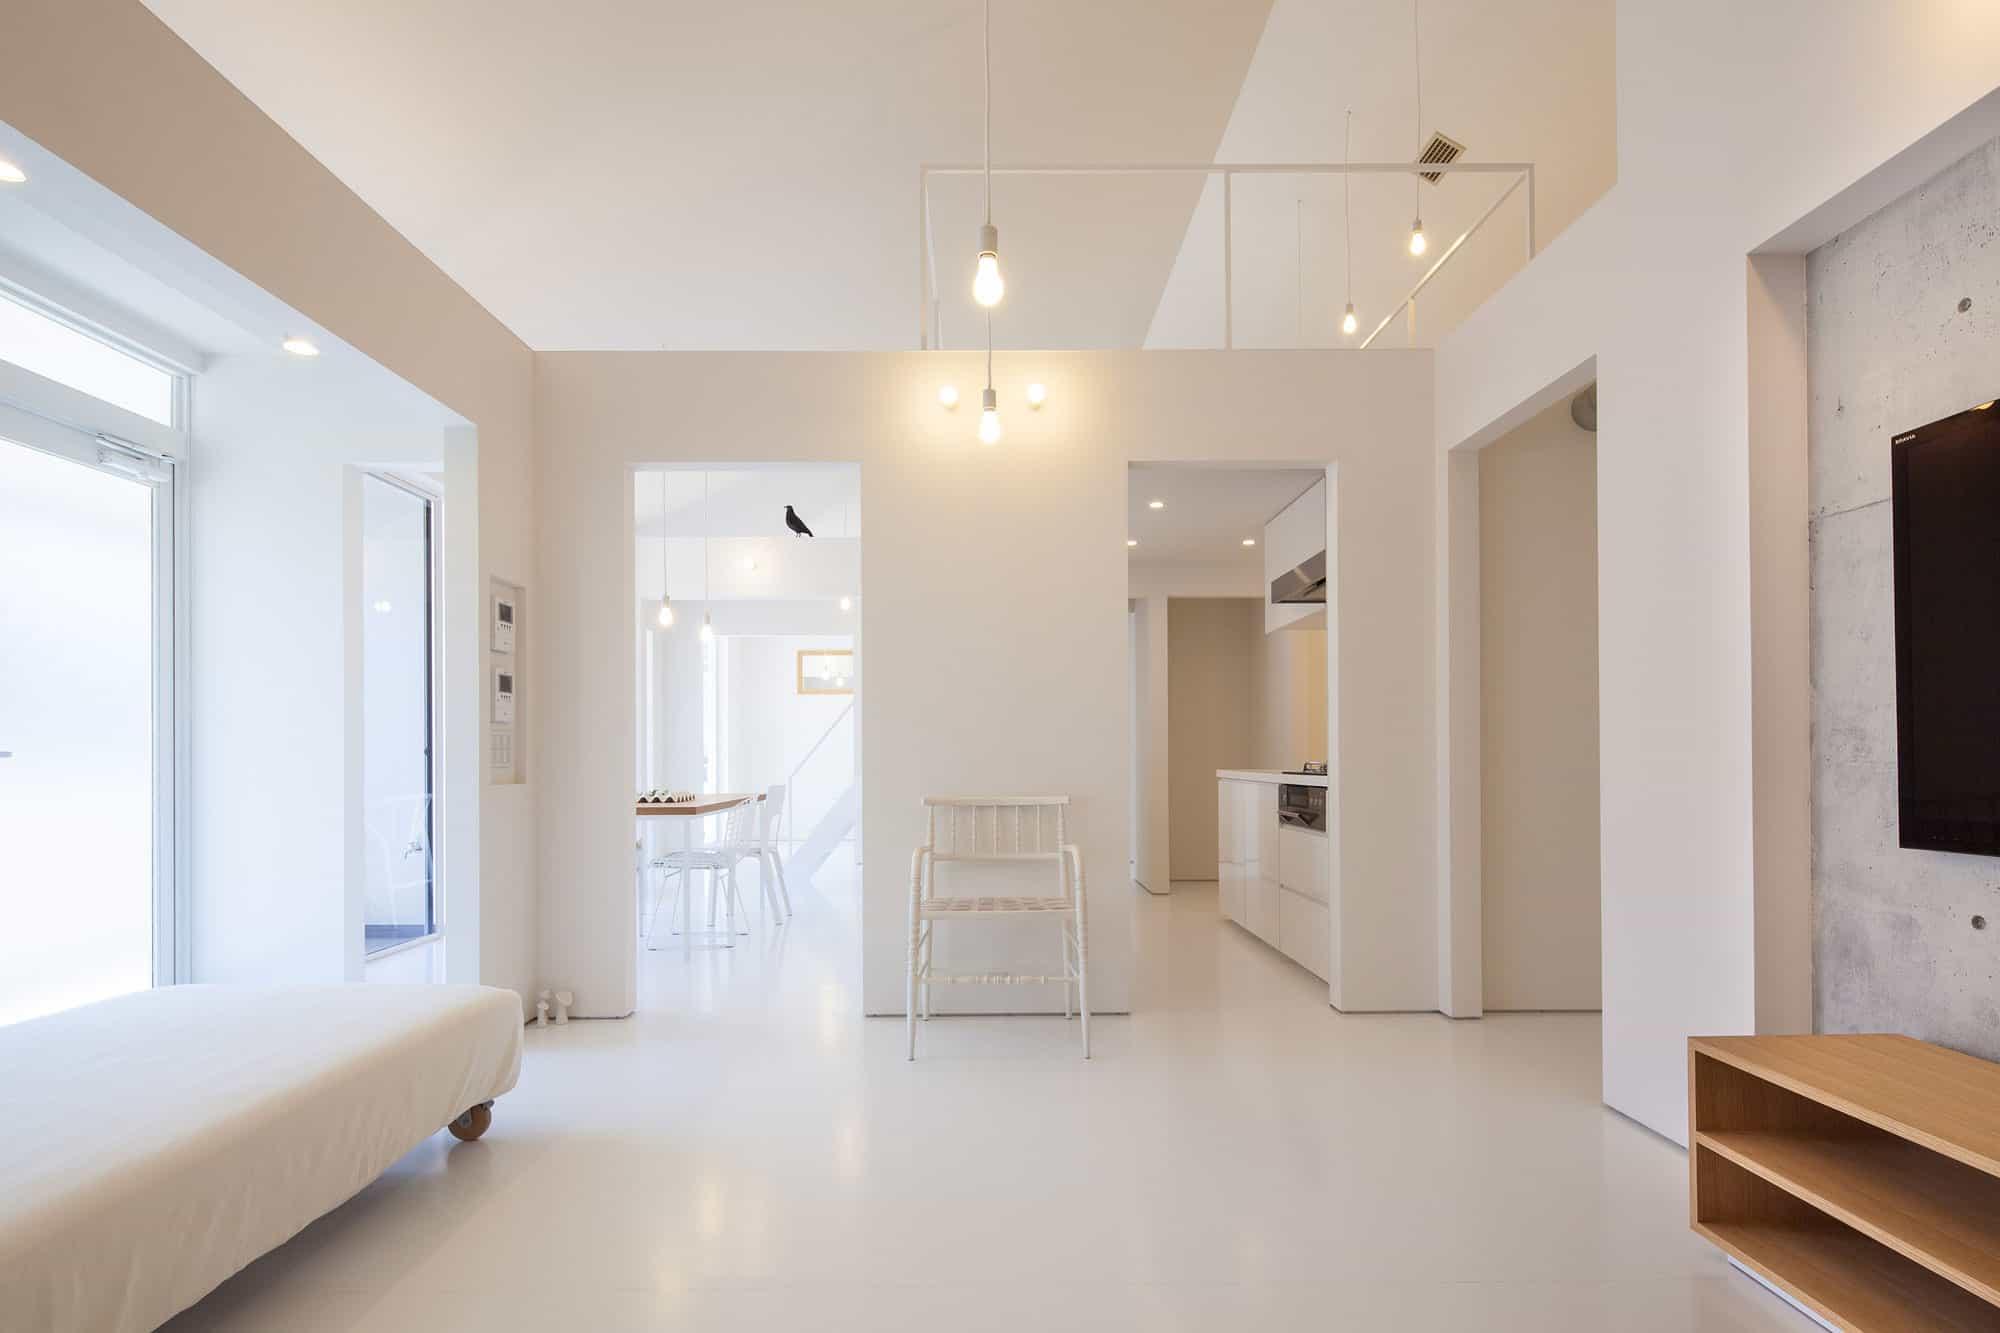 House in Takamatsu by Yasunari Tsukada Design (1)